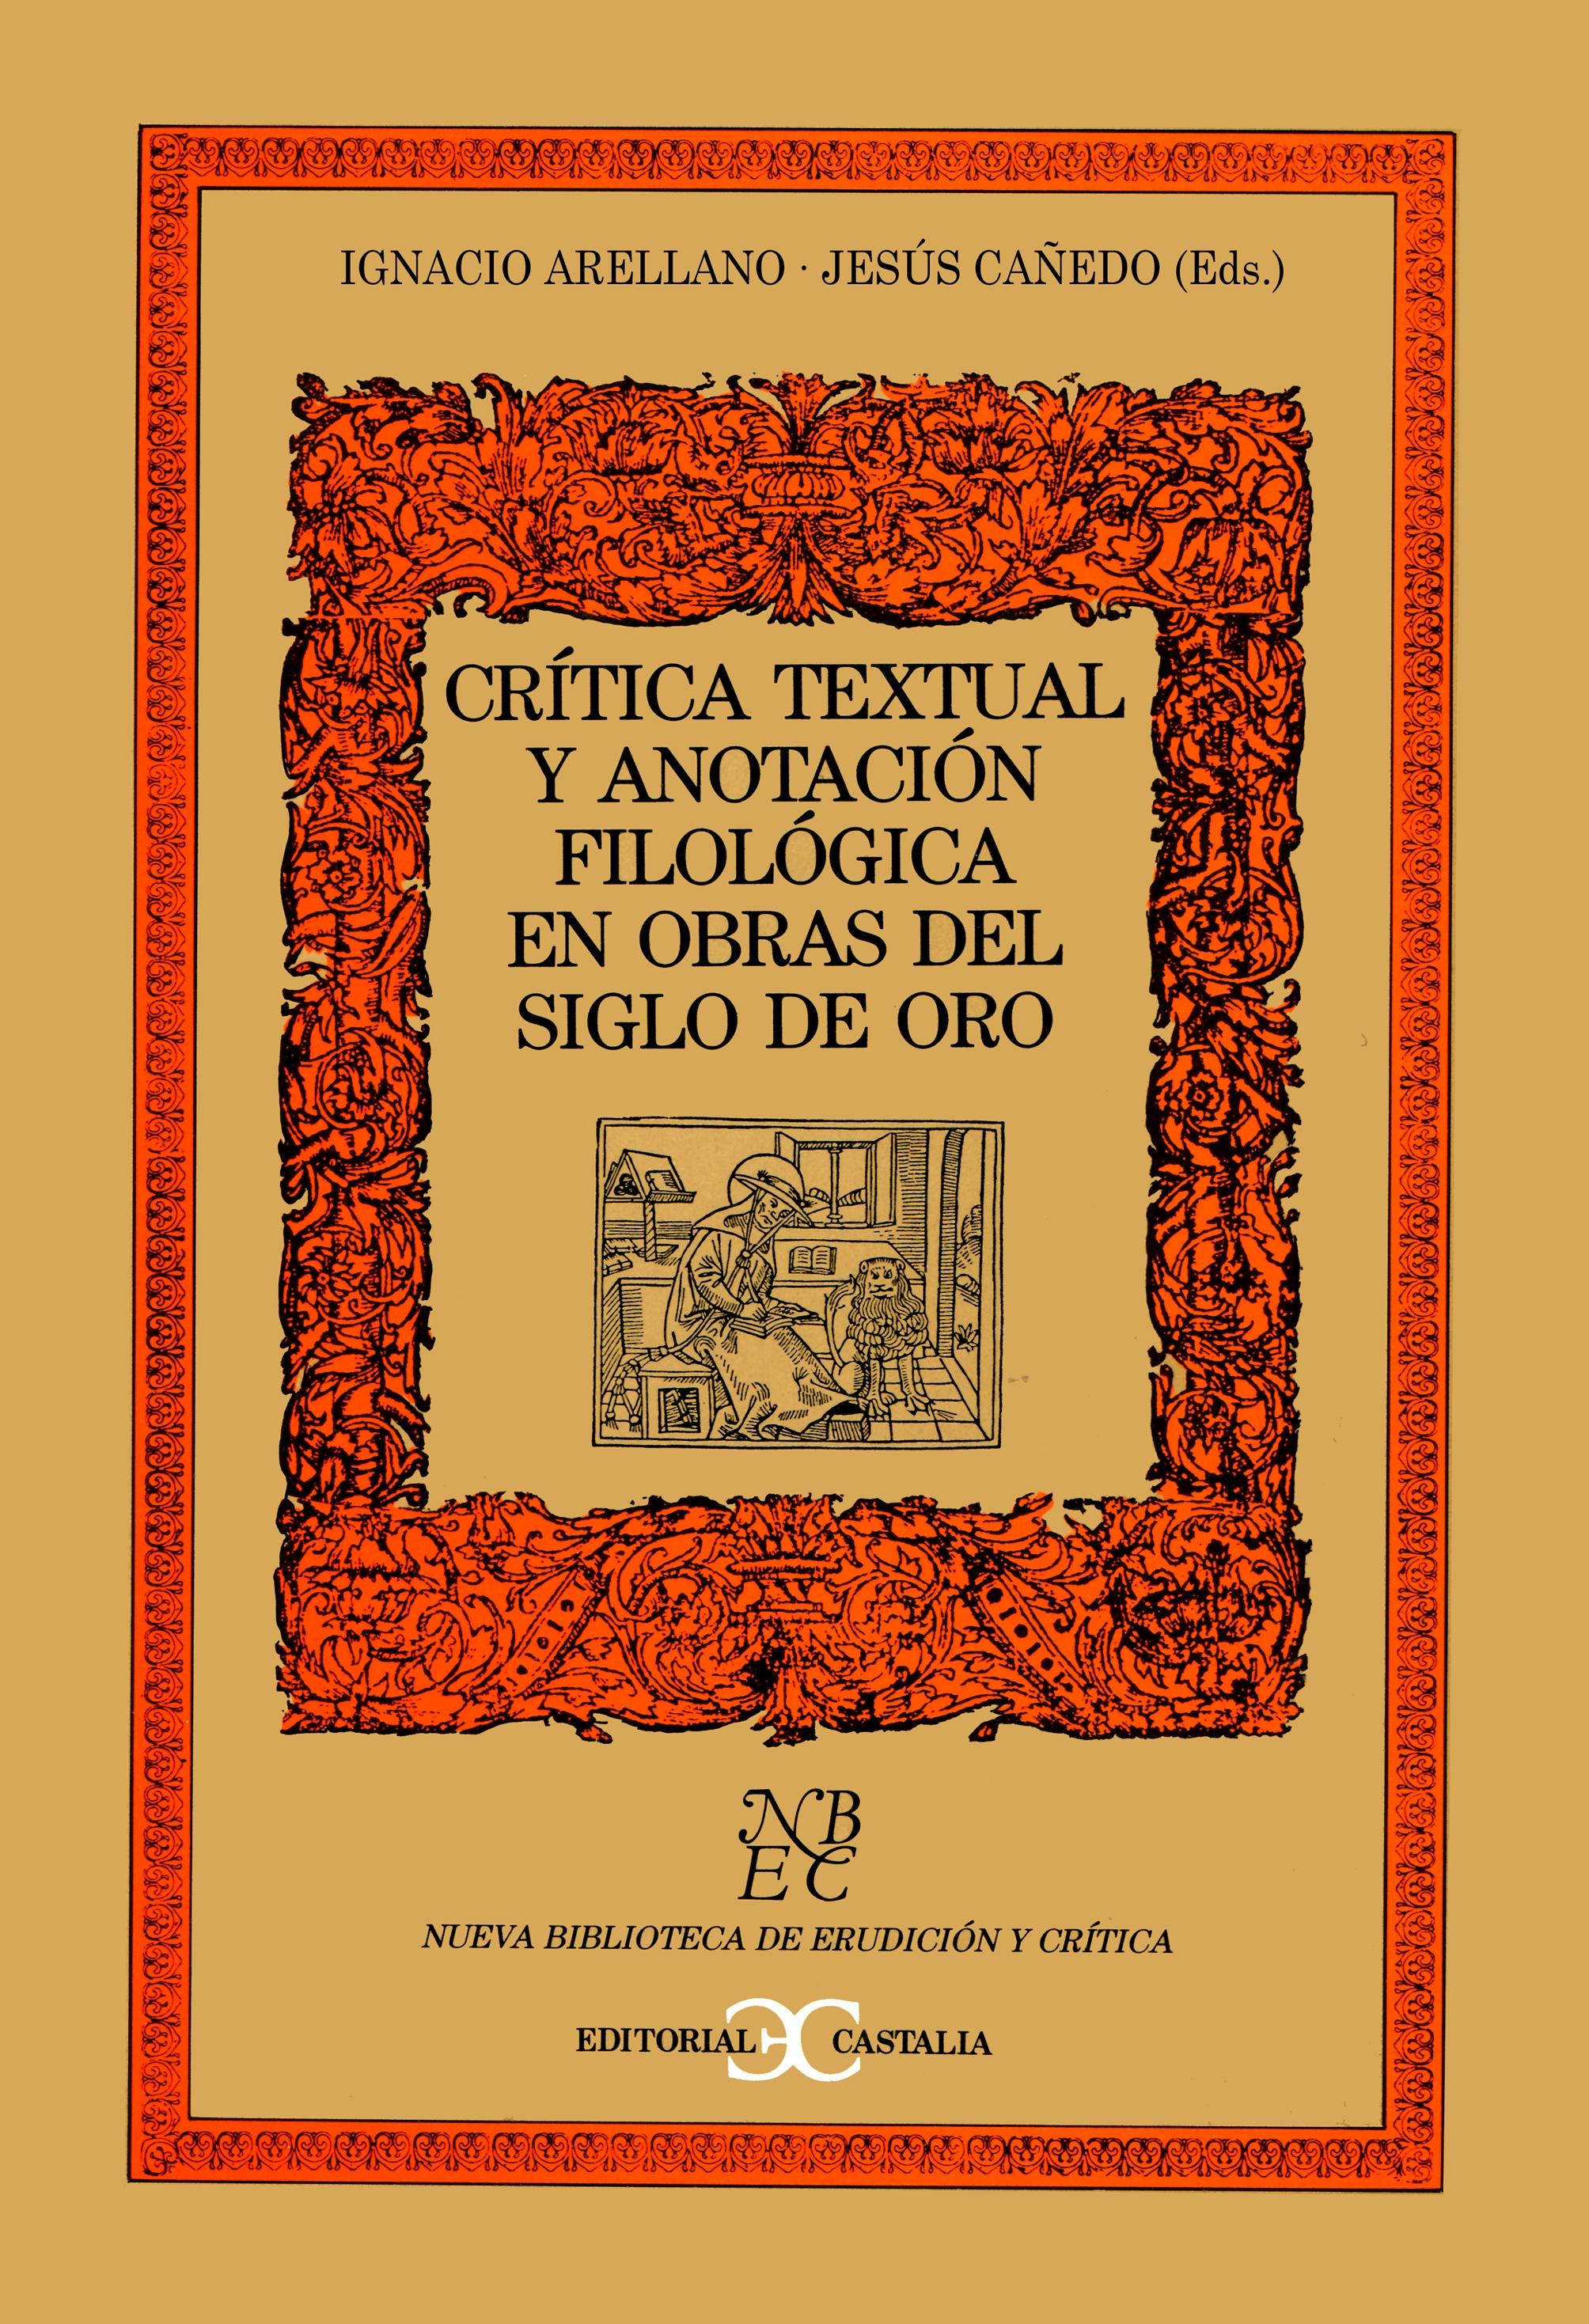 Crítica textual y anotación filológica en obras del Siglo de Oro